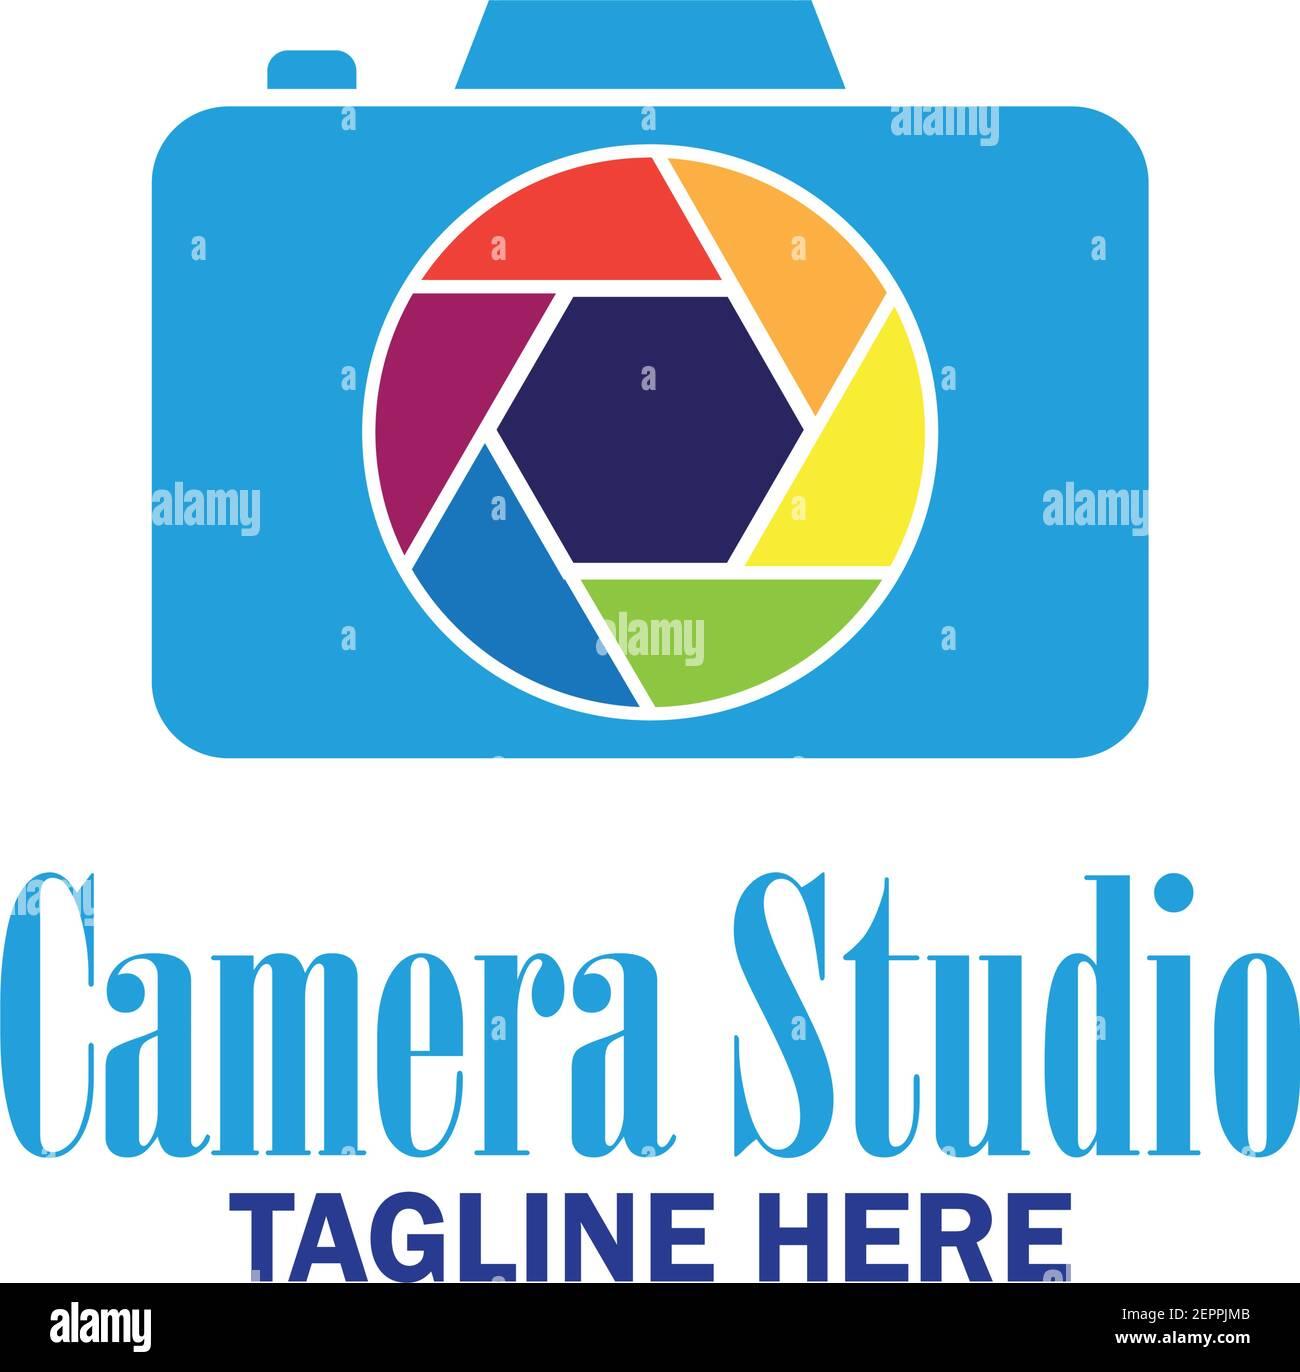 studio della fotocamera, otturatore, icona della memoria della fotocamera con spazio di testo per il tuo slogan, illustrazione vettoriale Illustrazione Vettoriale